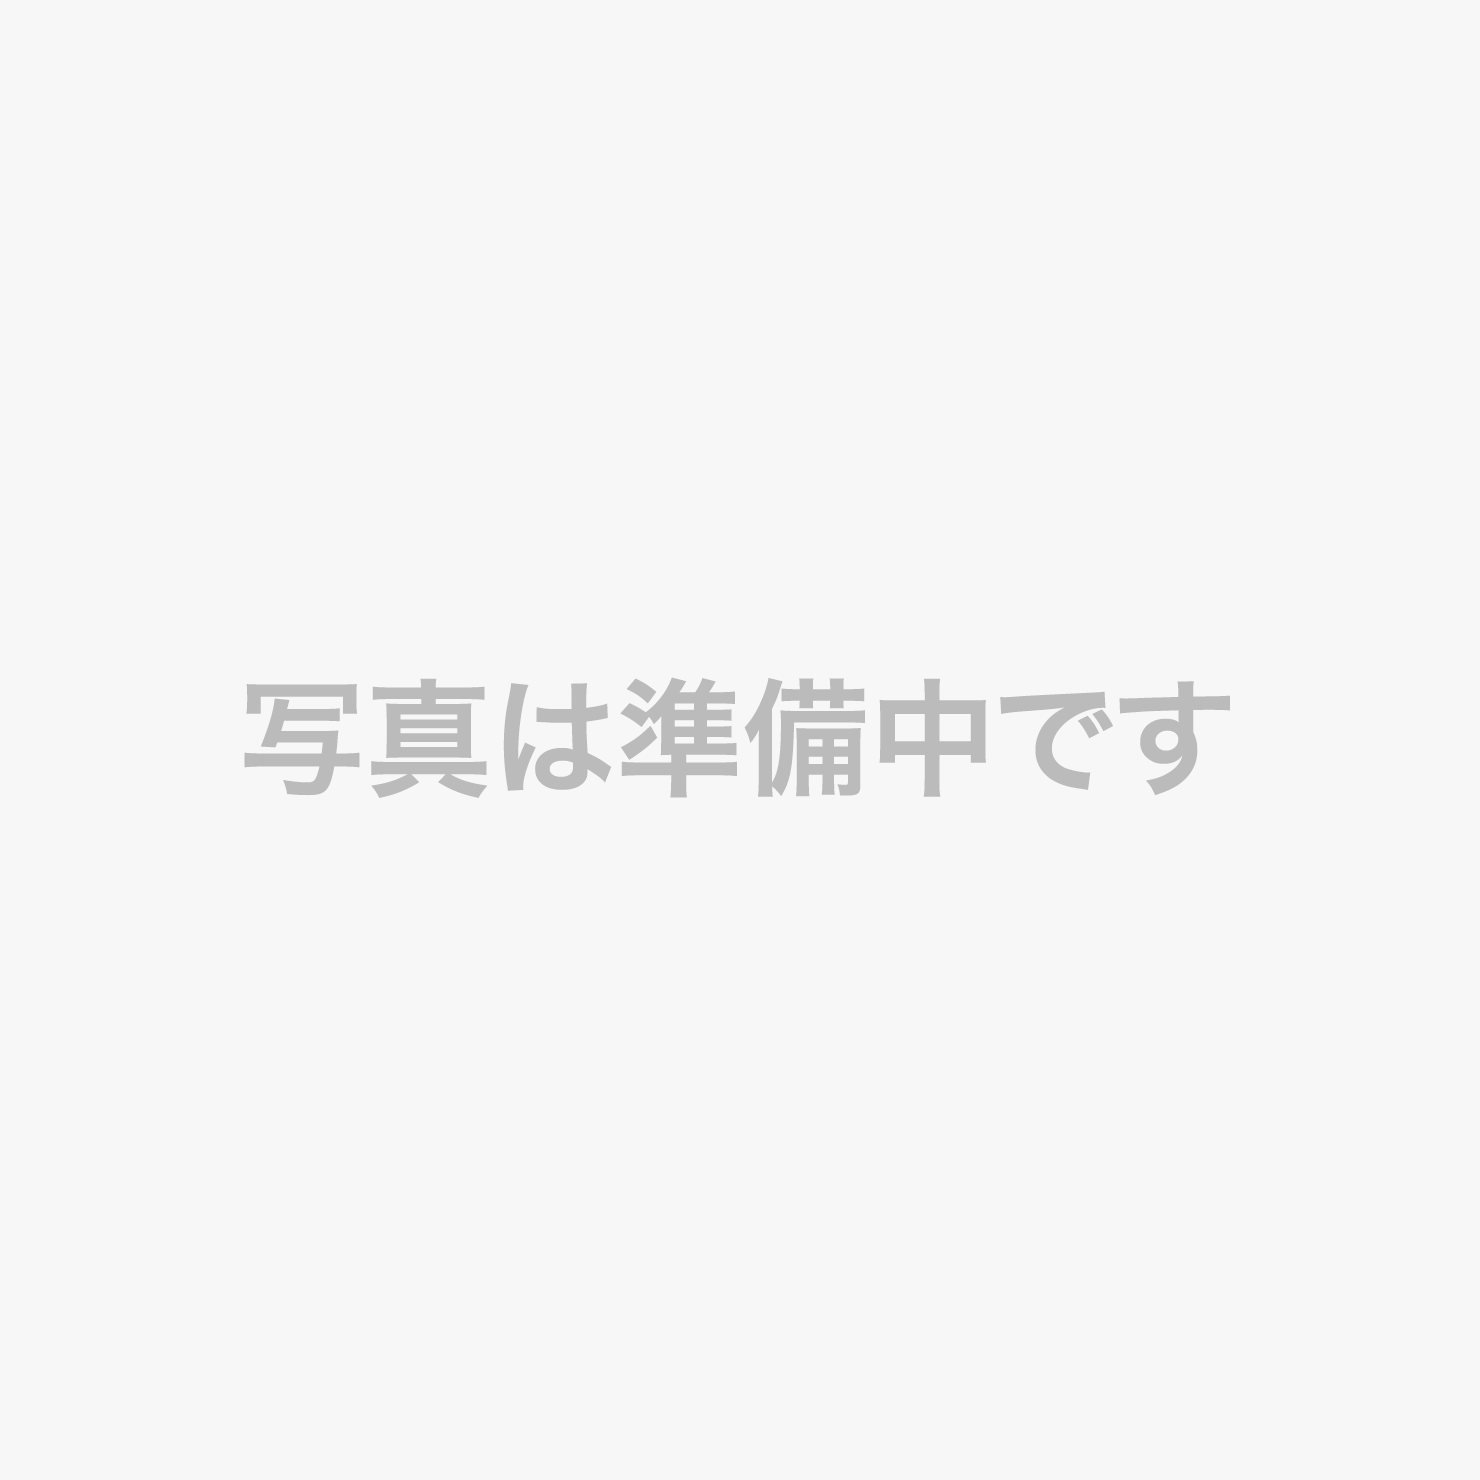 ★期間限定★【船盛り】10/11~11/30豪華グレードアップバイキング※イメージ